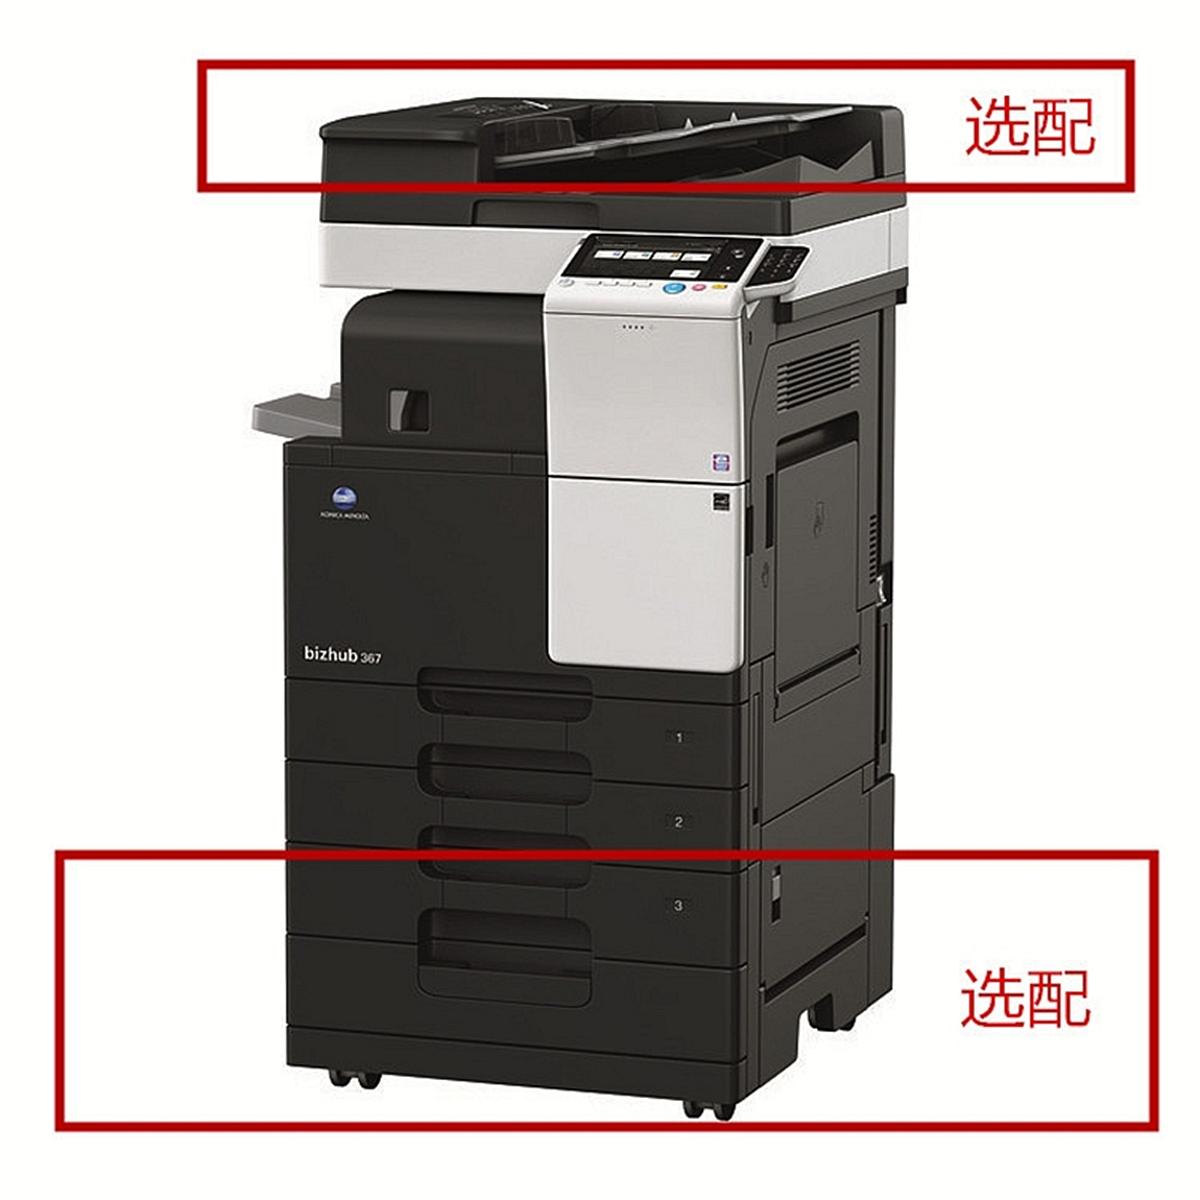 柯尼卡美能达 367 黑白 高速复合机标配(双纸盒,原稿盖板)(单位:台)